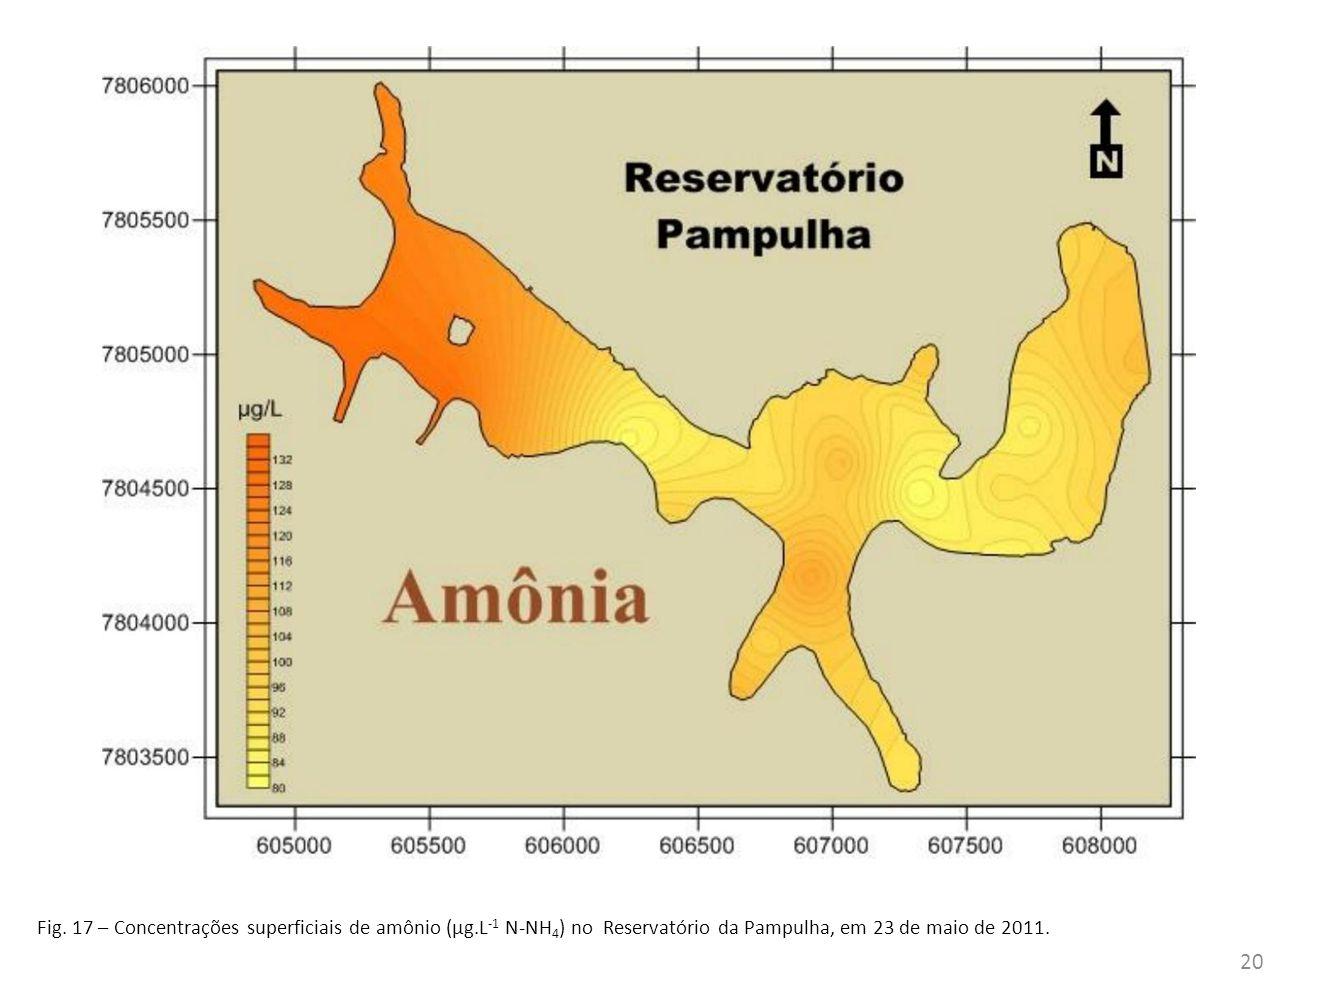 Fig.18– Concentrações superficiais de nitritos (µg.L -1 N-NO 2 ) no Reservatório da Pampulha, em 23 de maio de 2011.